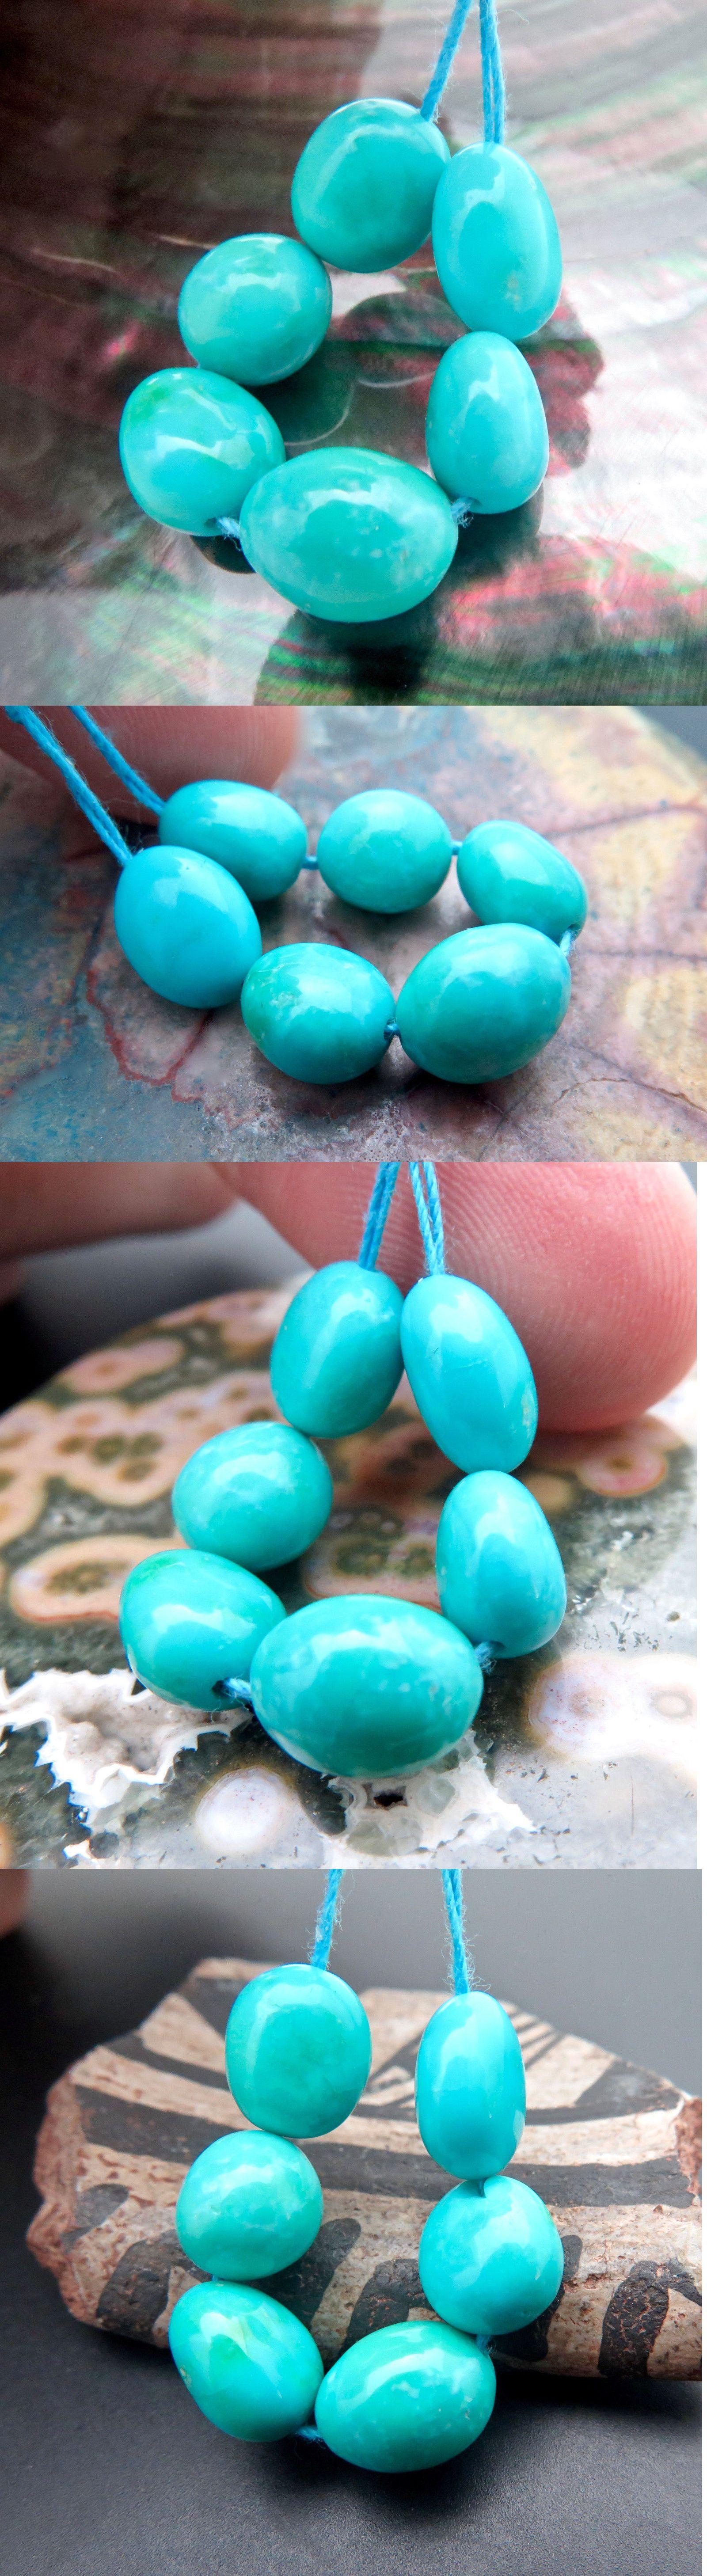 Turquoise 10284 6 Untreated Rare Aaaaa Sleeping Beauty Robin S